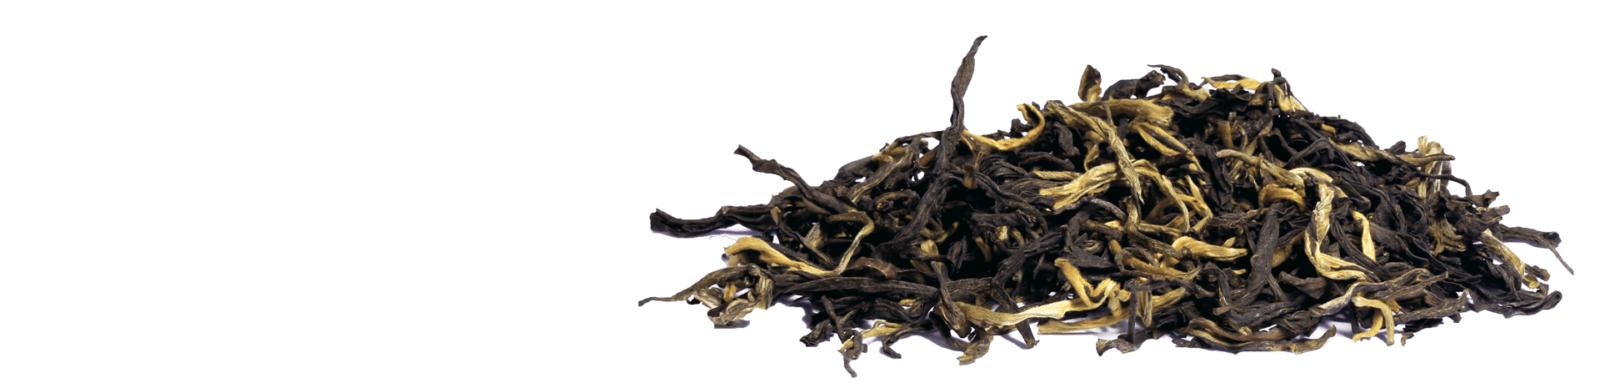 Вы можете купить оптом и в розницу премиальный Китайский красный Юньнаньский чай Дянь Хун (Цзинь Хао) - красный чай с типсами в нашем интернет-магазине со склада в Москве, выбрав по ФОТО или заказав пробник, от Чайной Компании Путь Чая с доставкой по РФ и странам ТС.